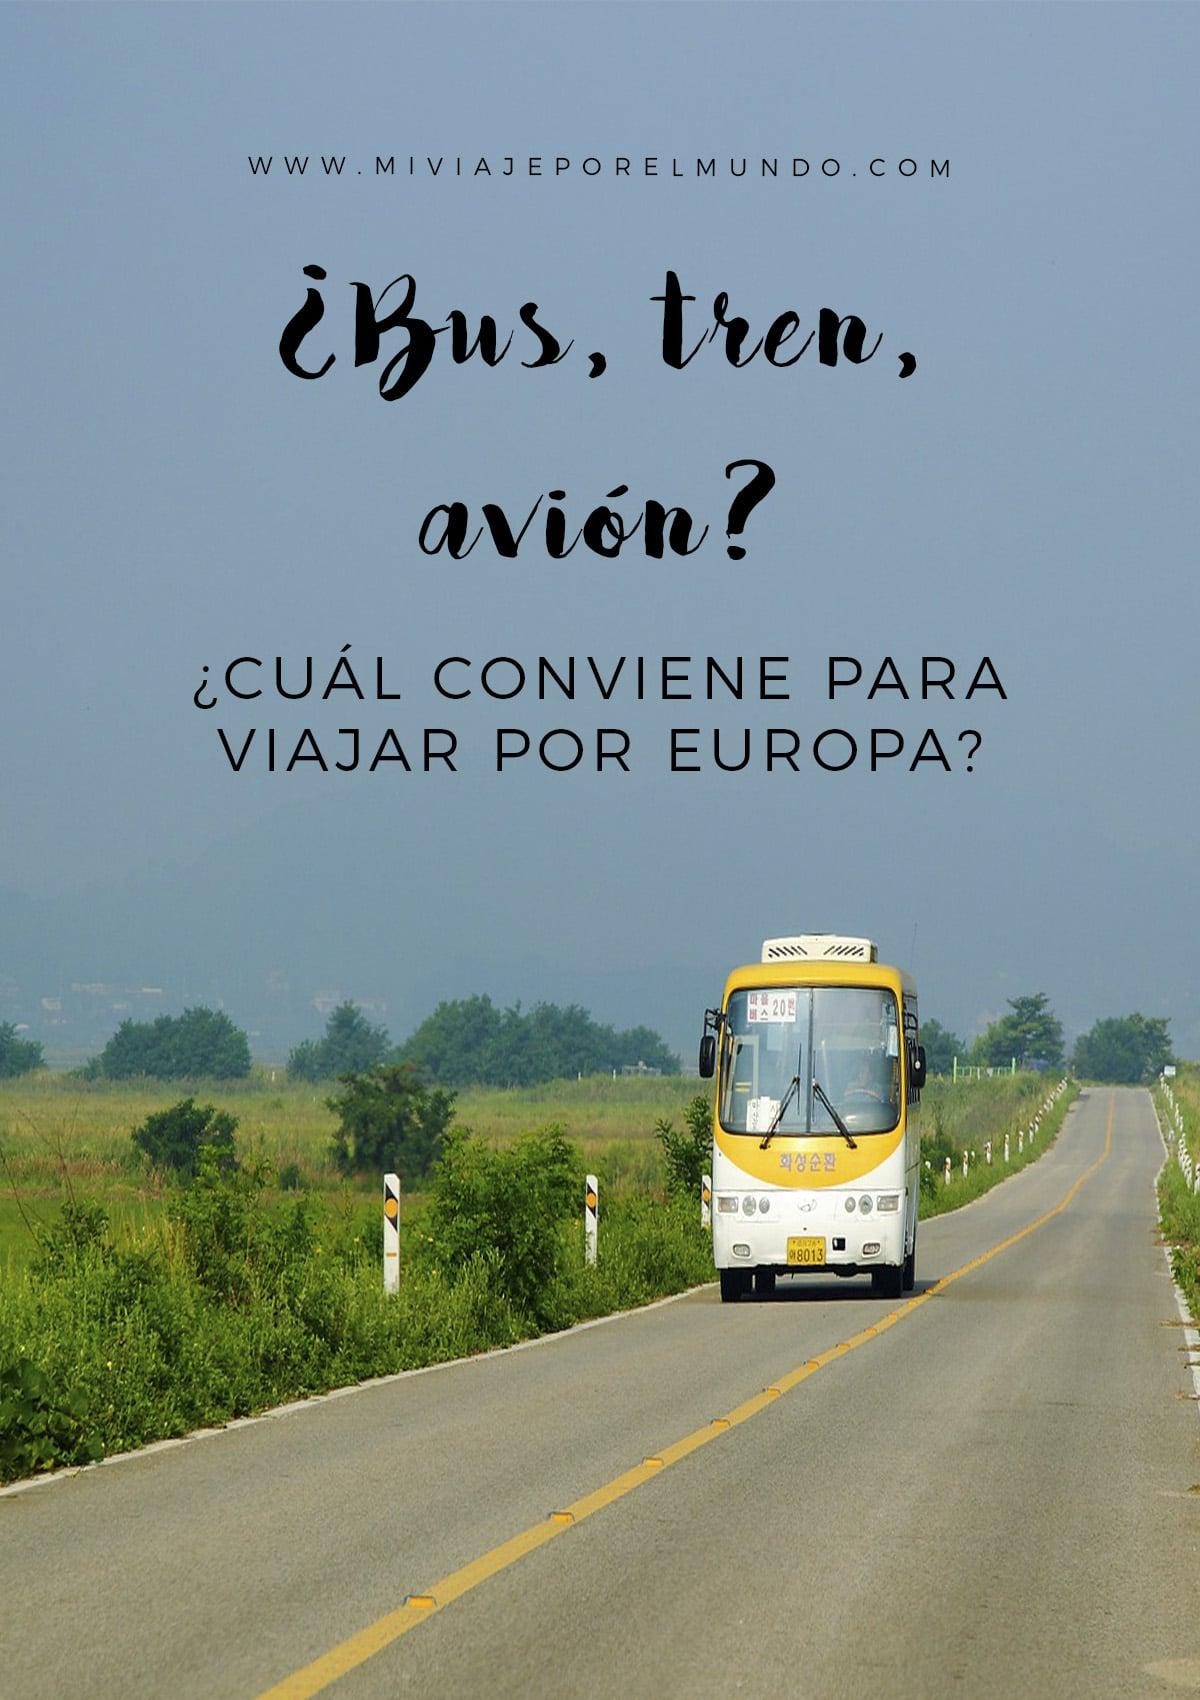 conviene-viajar-en-tren-autobus-o-avion-por-europa